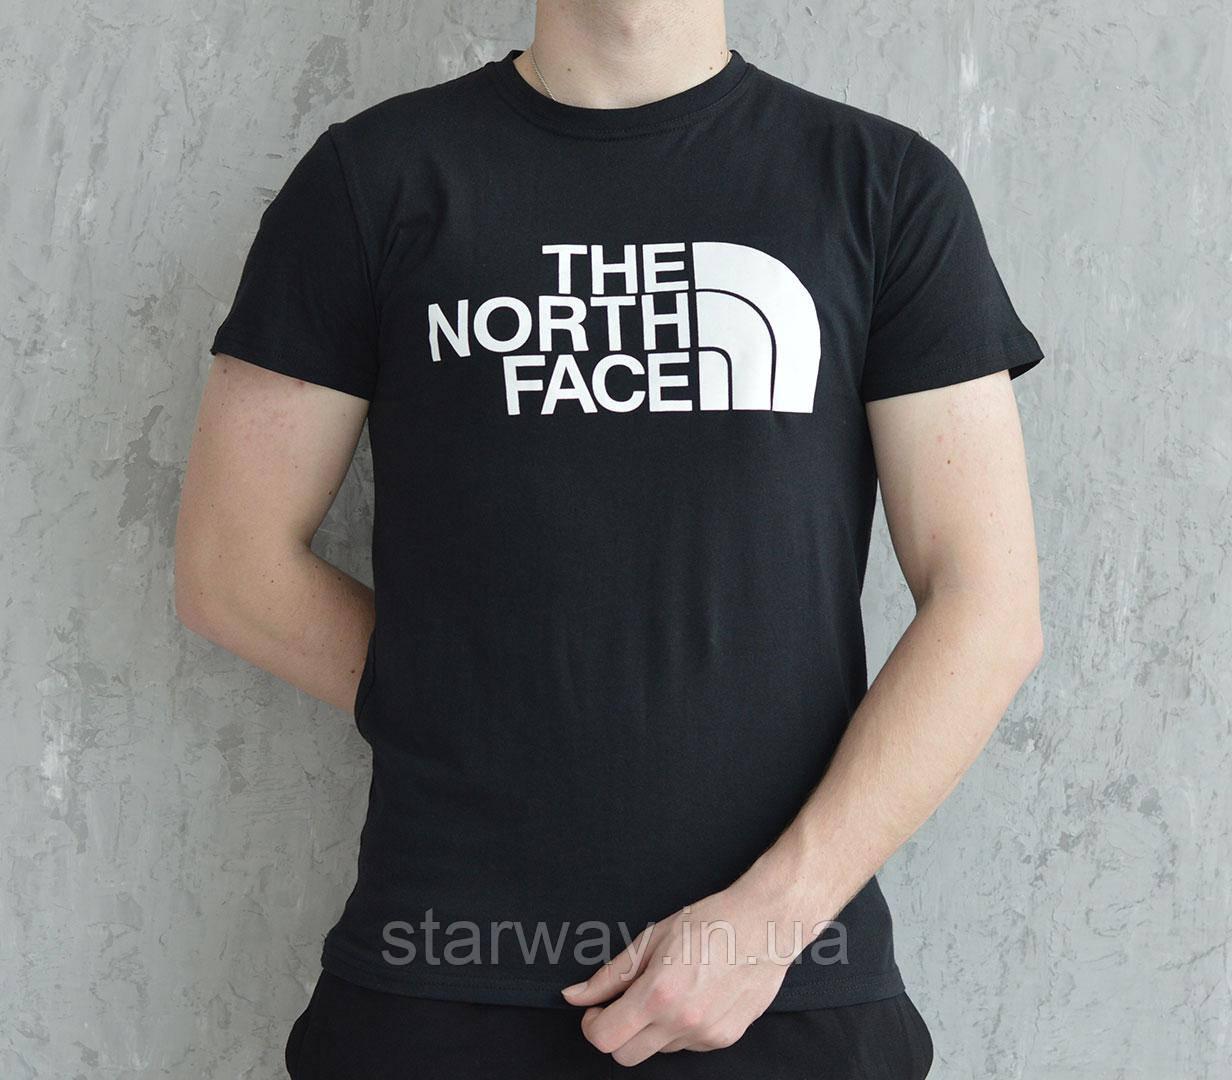 Футболка стильная принт The North Face logo